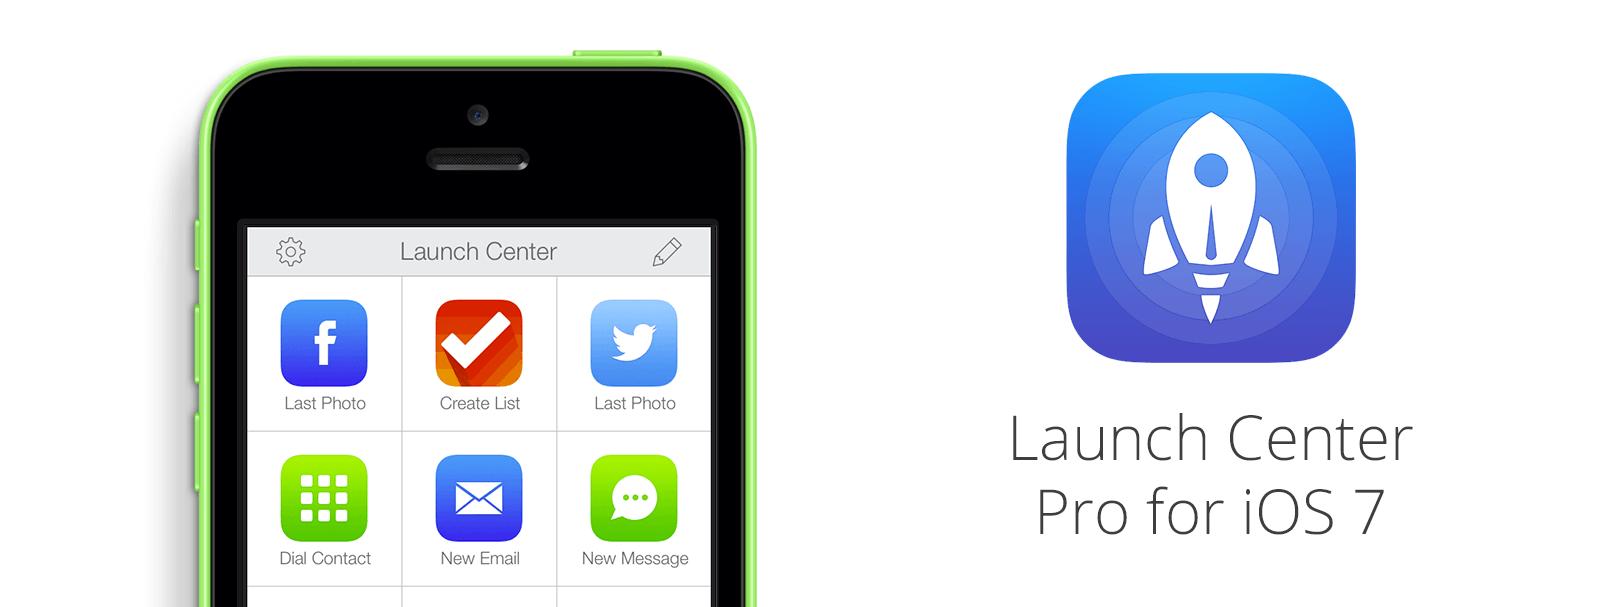 Launch Center Pro – jedna aplikacja dużo możliwości.